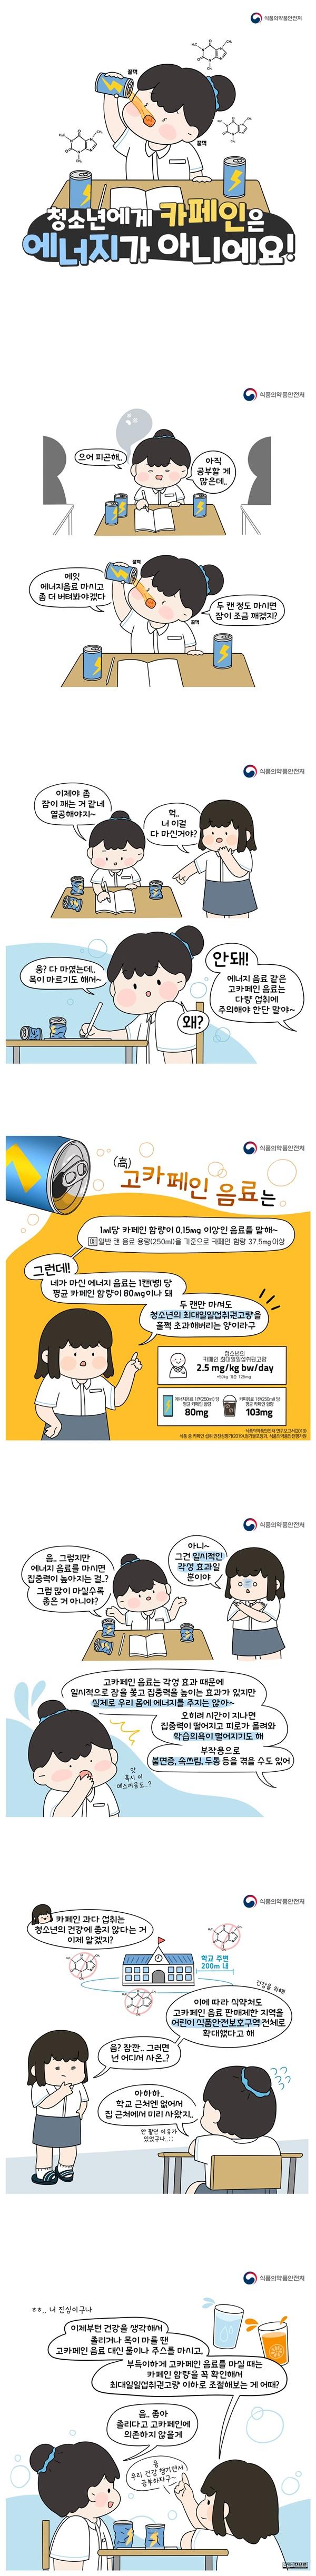 [웹툰] 청소년에게 카페인은 에너지가 아닝에요!